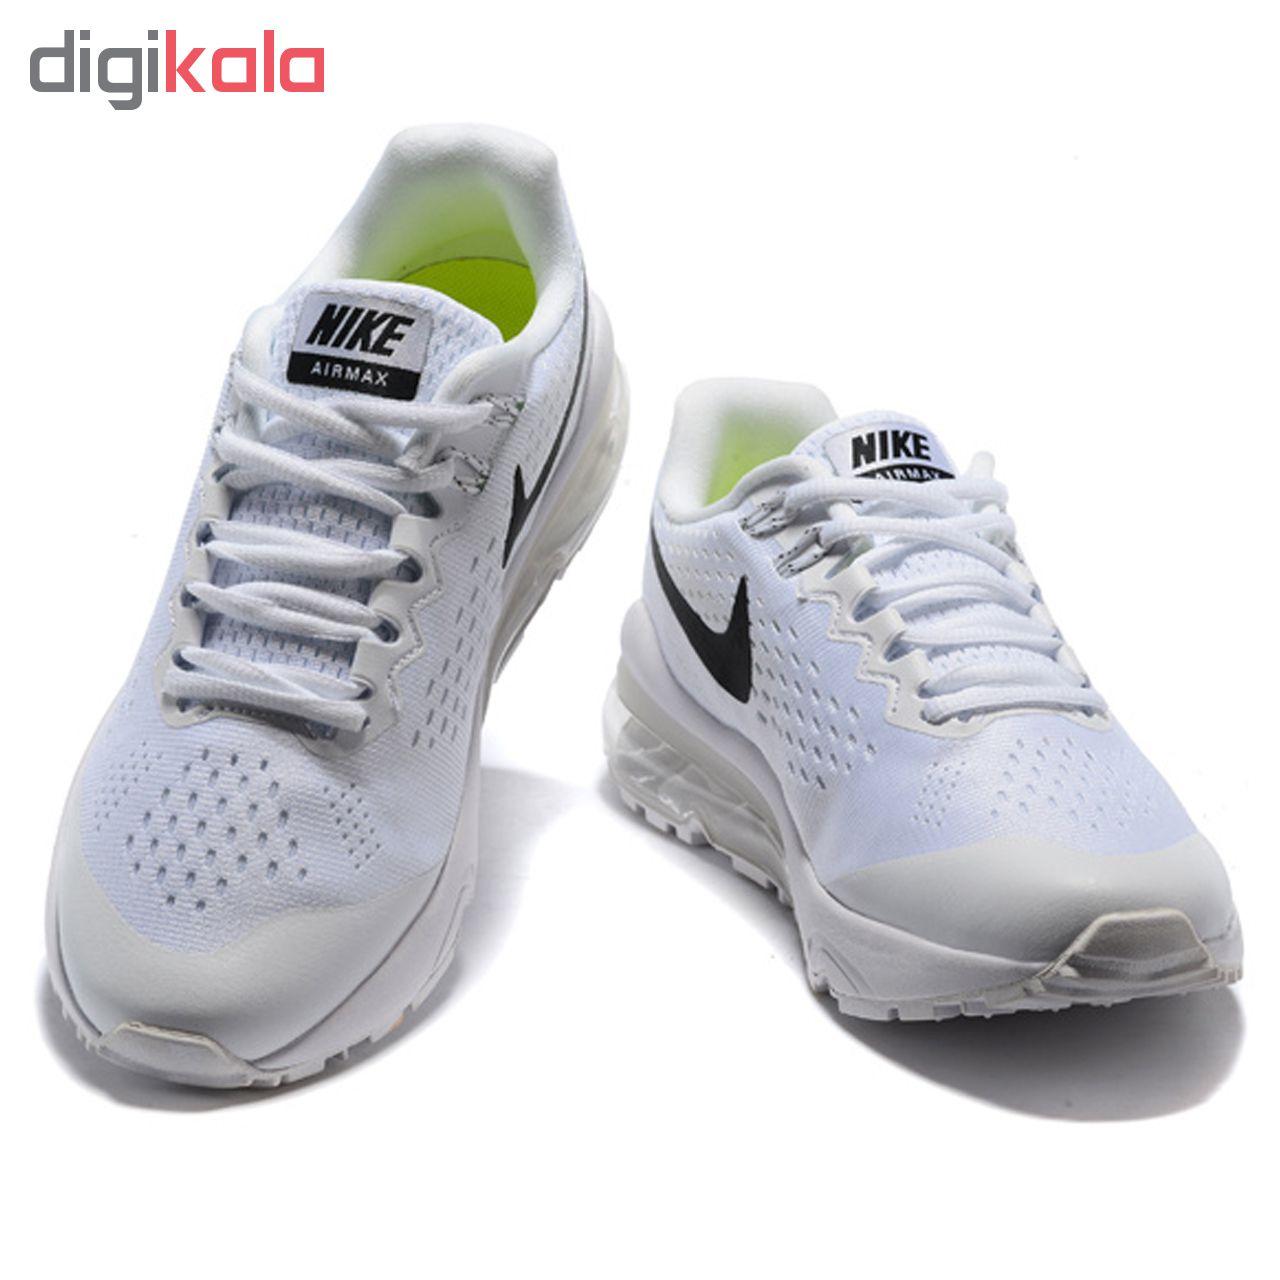 کفش مخصوص دویدن مردانه نایکی مدل Air Max کد 008- 859666